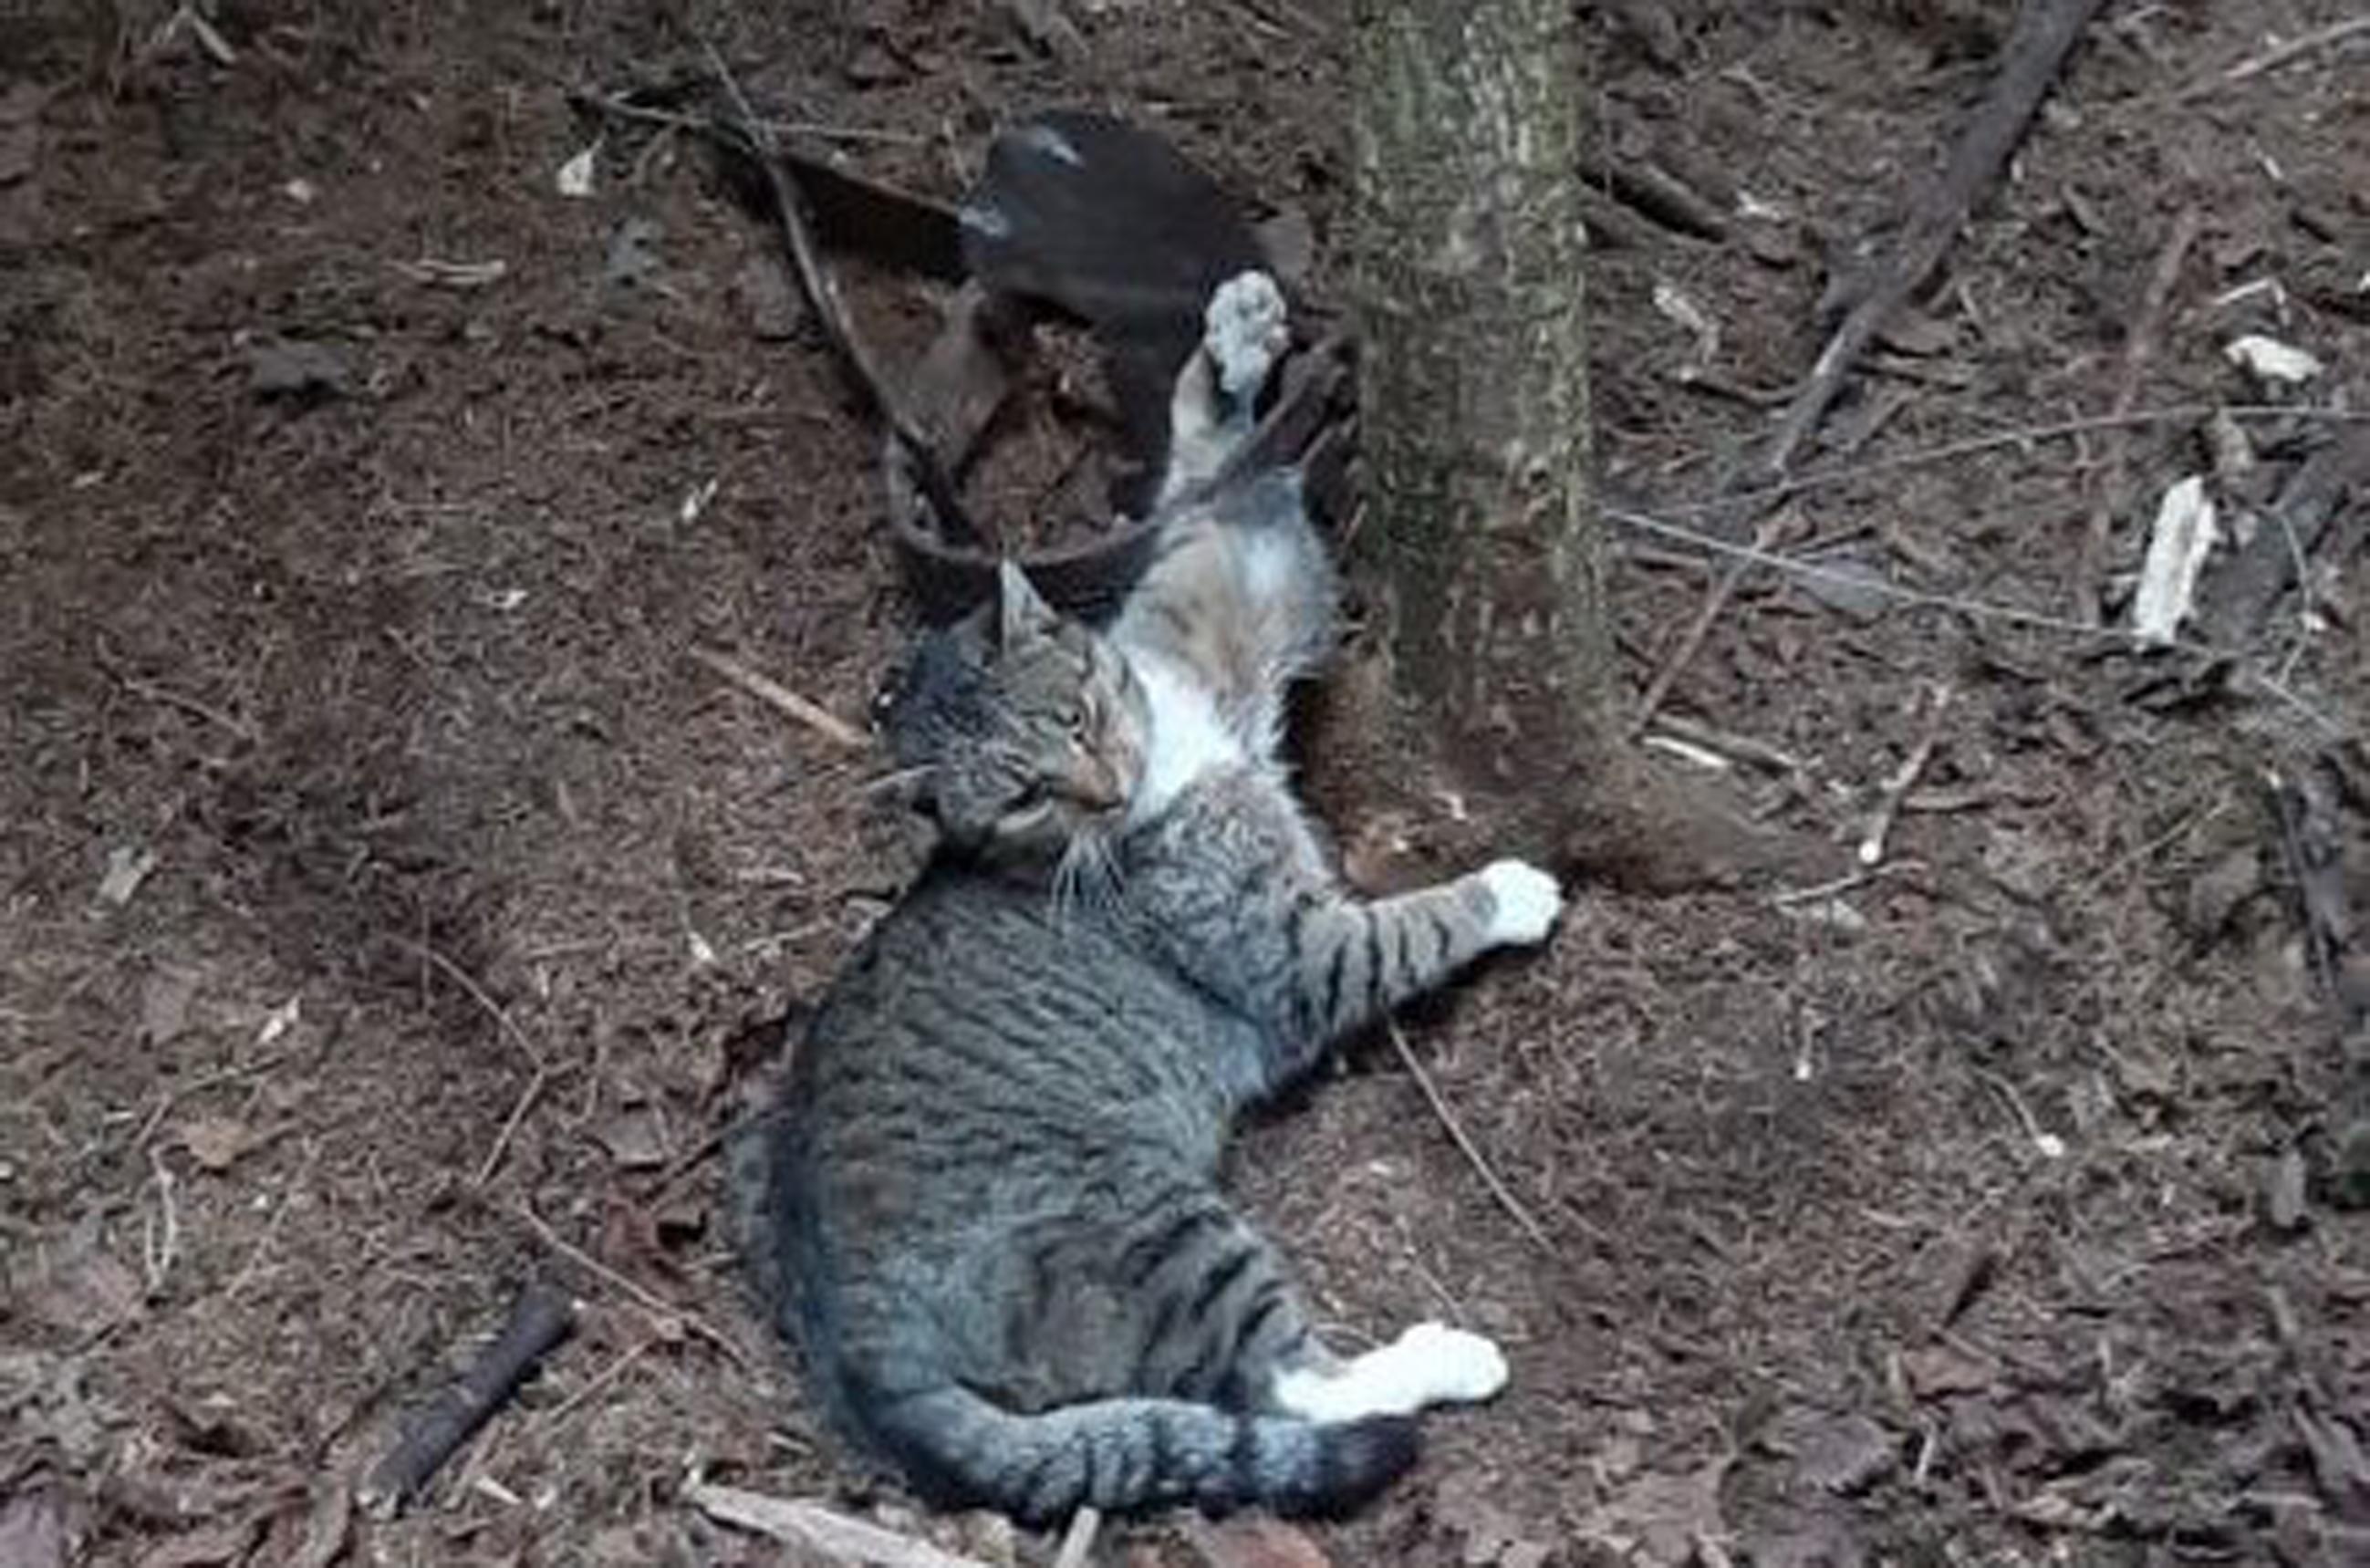 Z PODKARPACIA. Kot wpadł w kłusowniczą pułapkę  - Zdjęcie główne